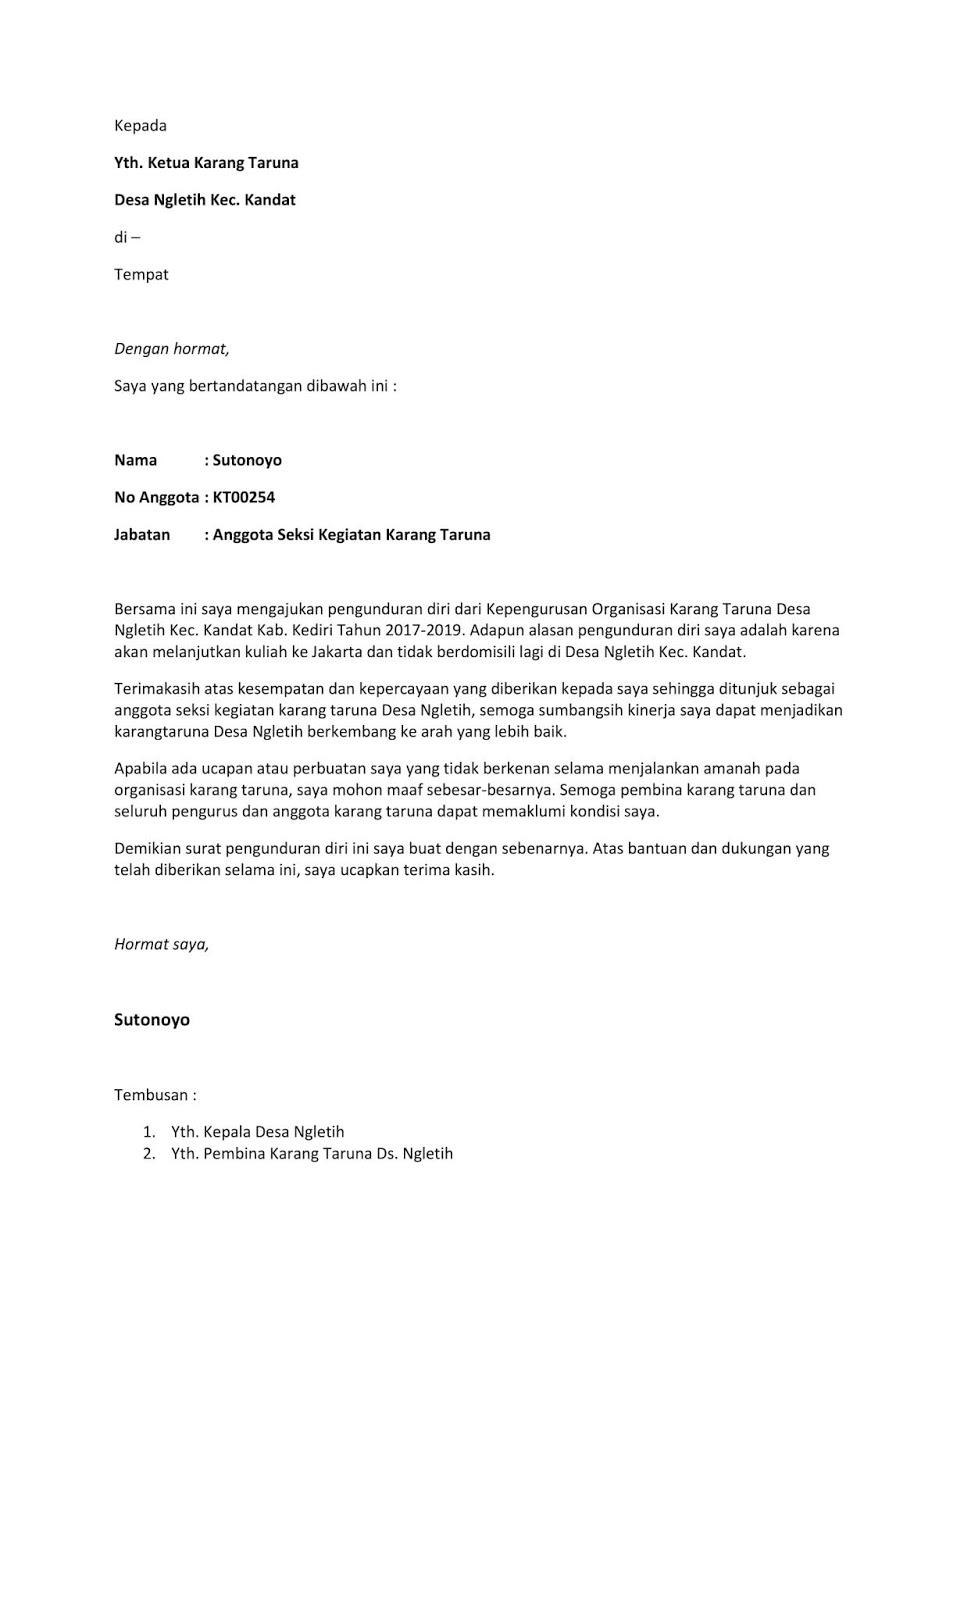 Contoh Surat Pengunduran Diri Dari Organisasi Simak Gambar